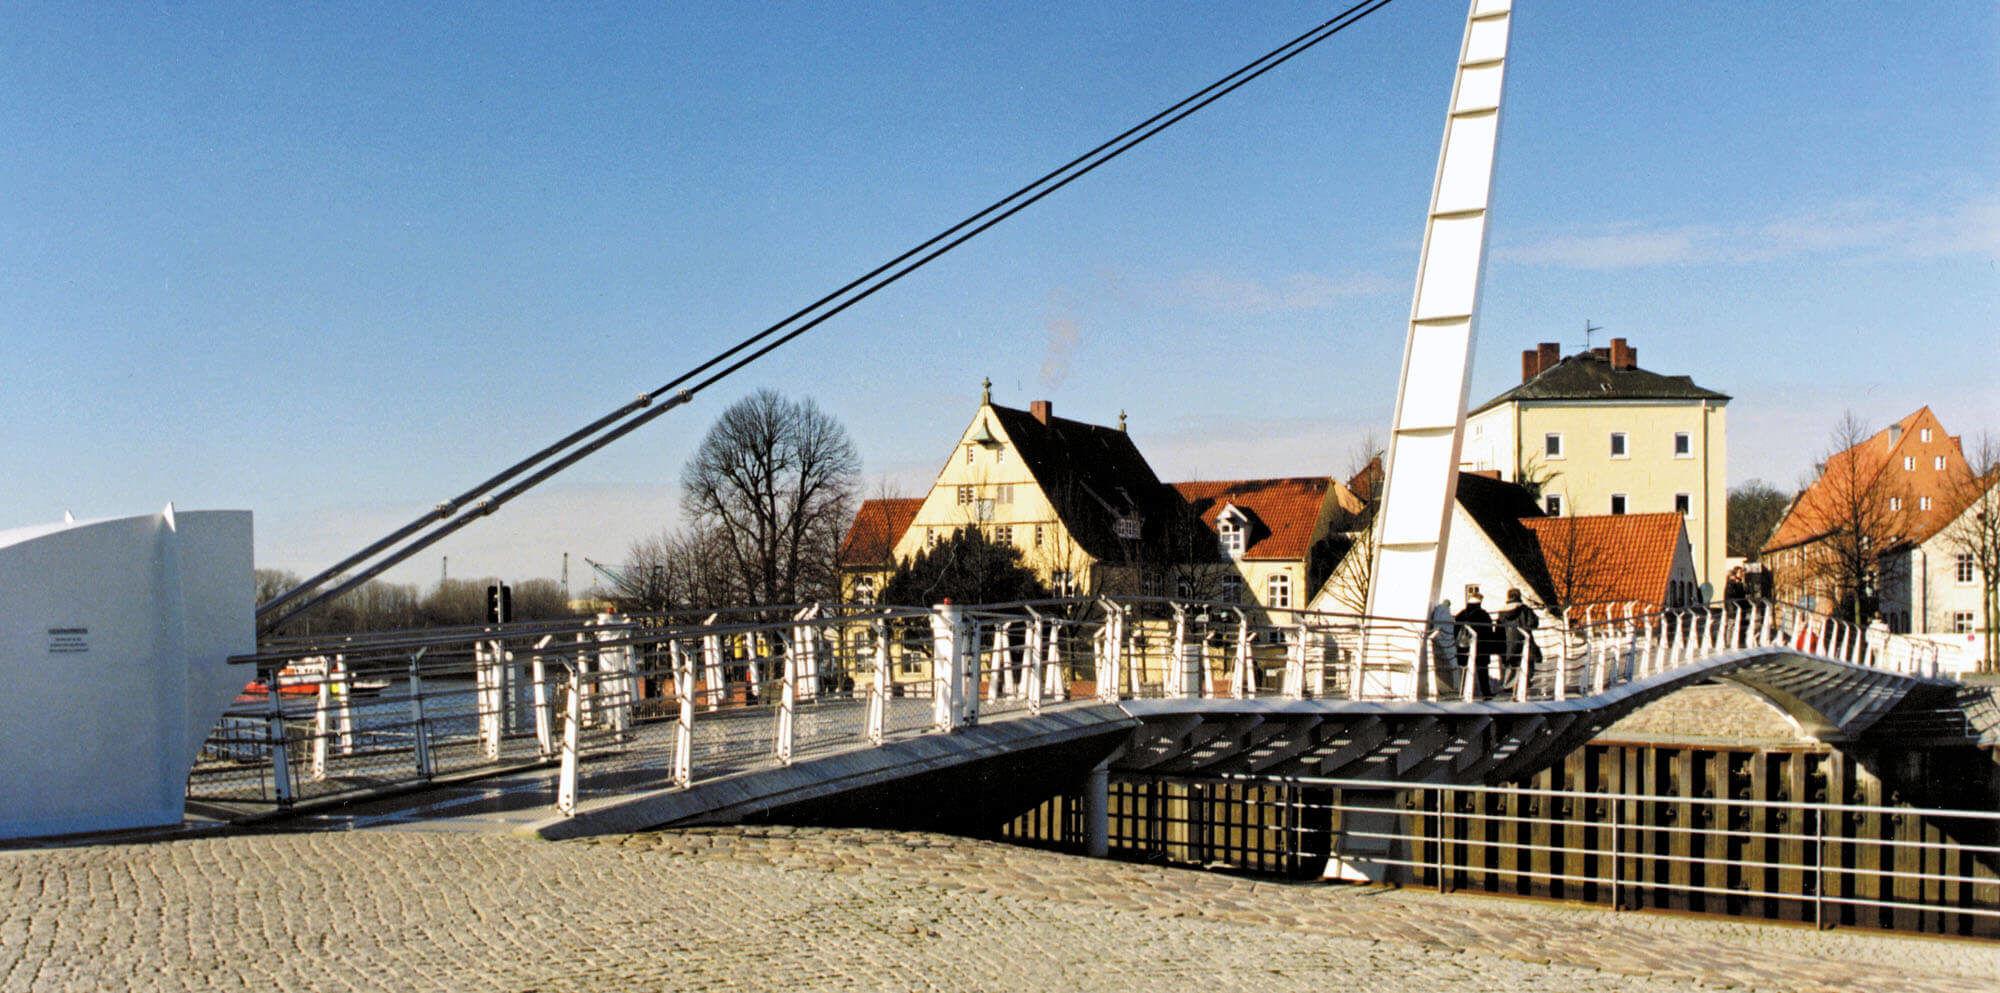 Klappbrücke, Vegesack